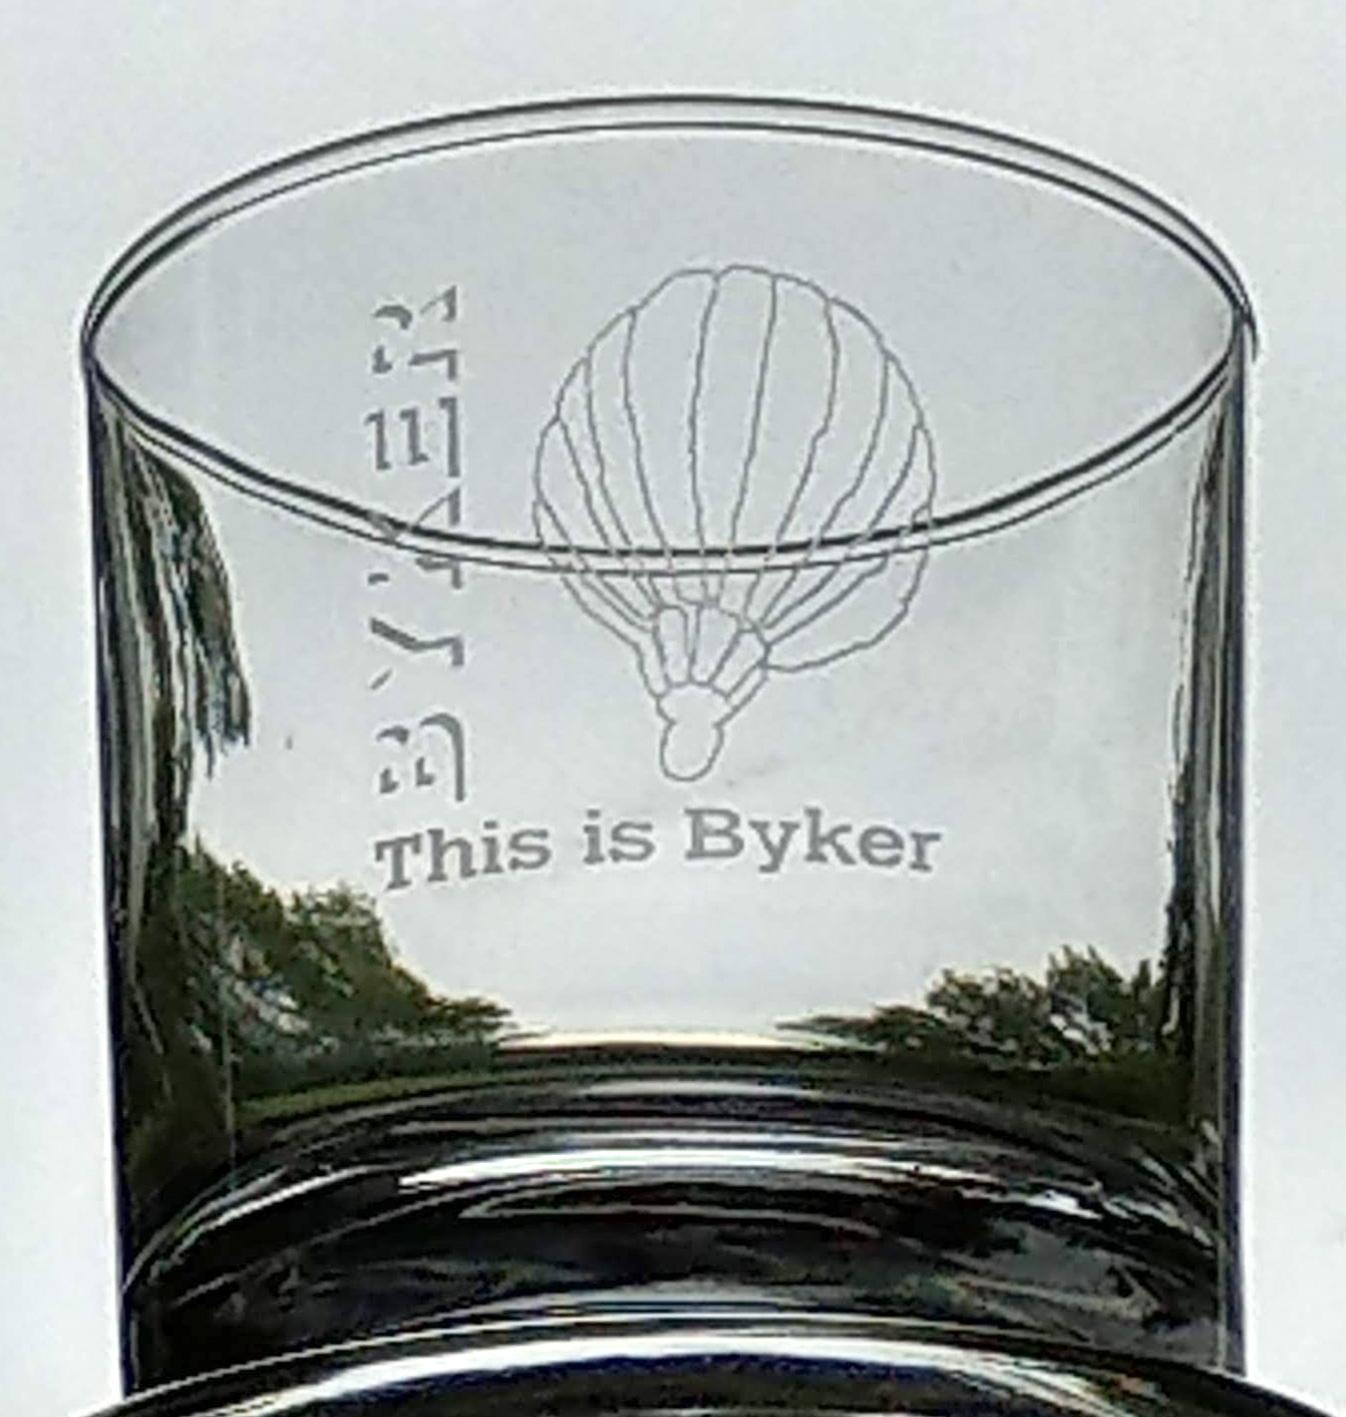 This-is-Byker-2.jpg